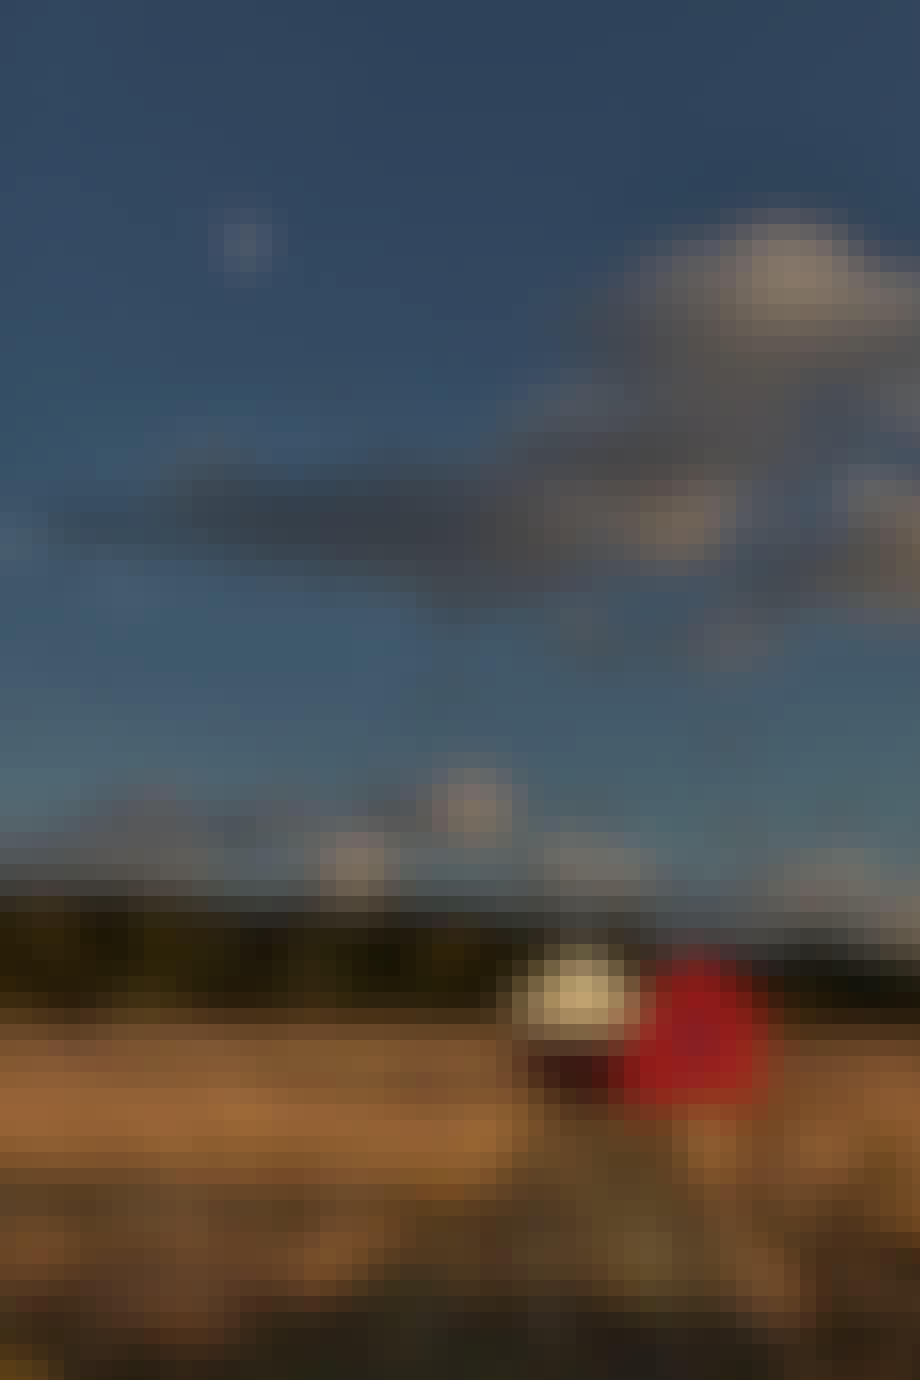 det røde hus mark himmel kunst kvadrat anders byriel